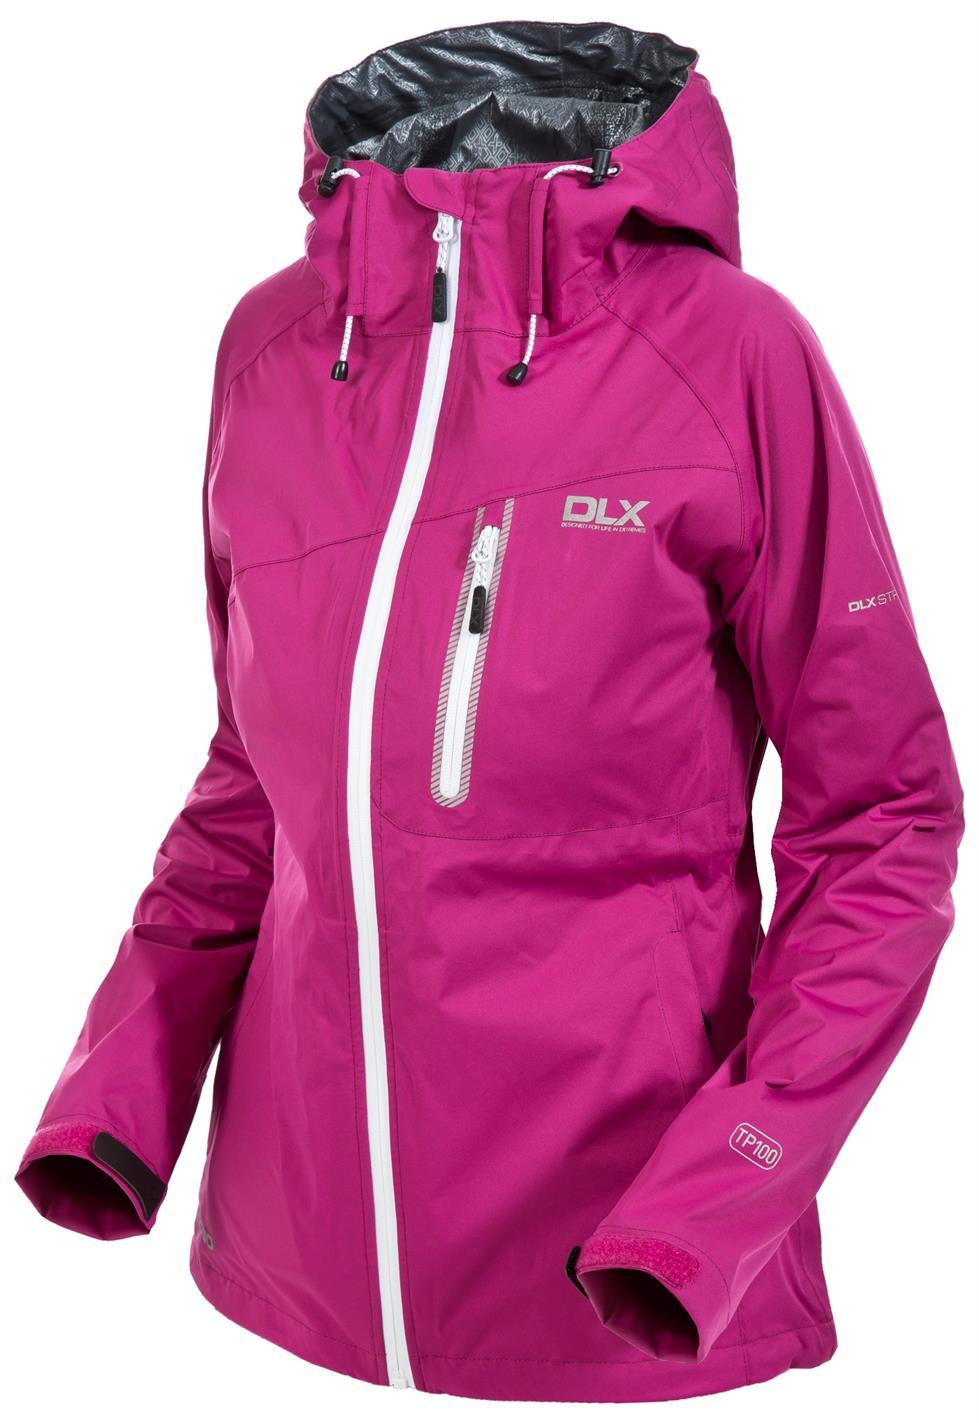 1e62143c6016d Trespass Erika DLX Women s Waterproof Jacket - Run Charlie